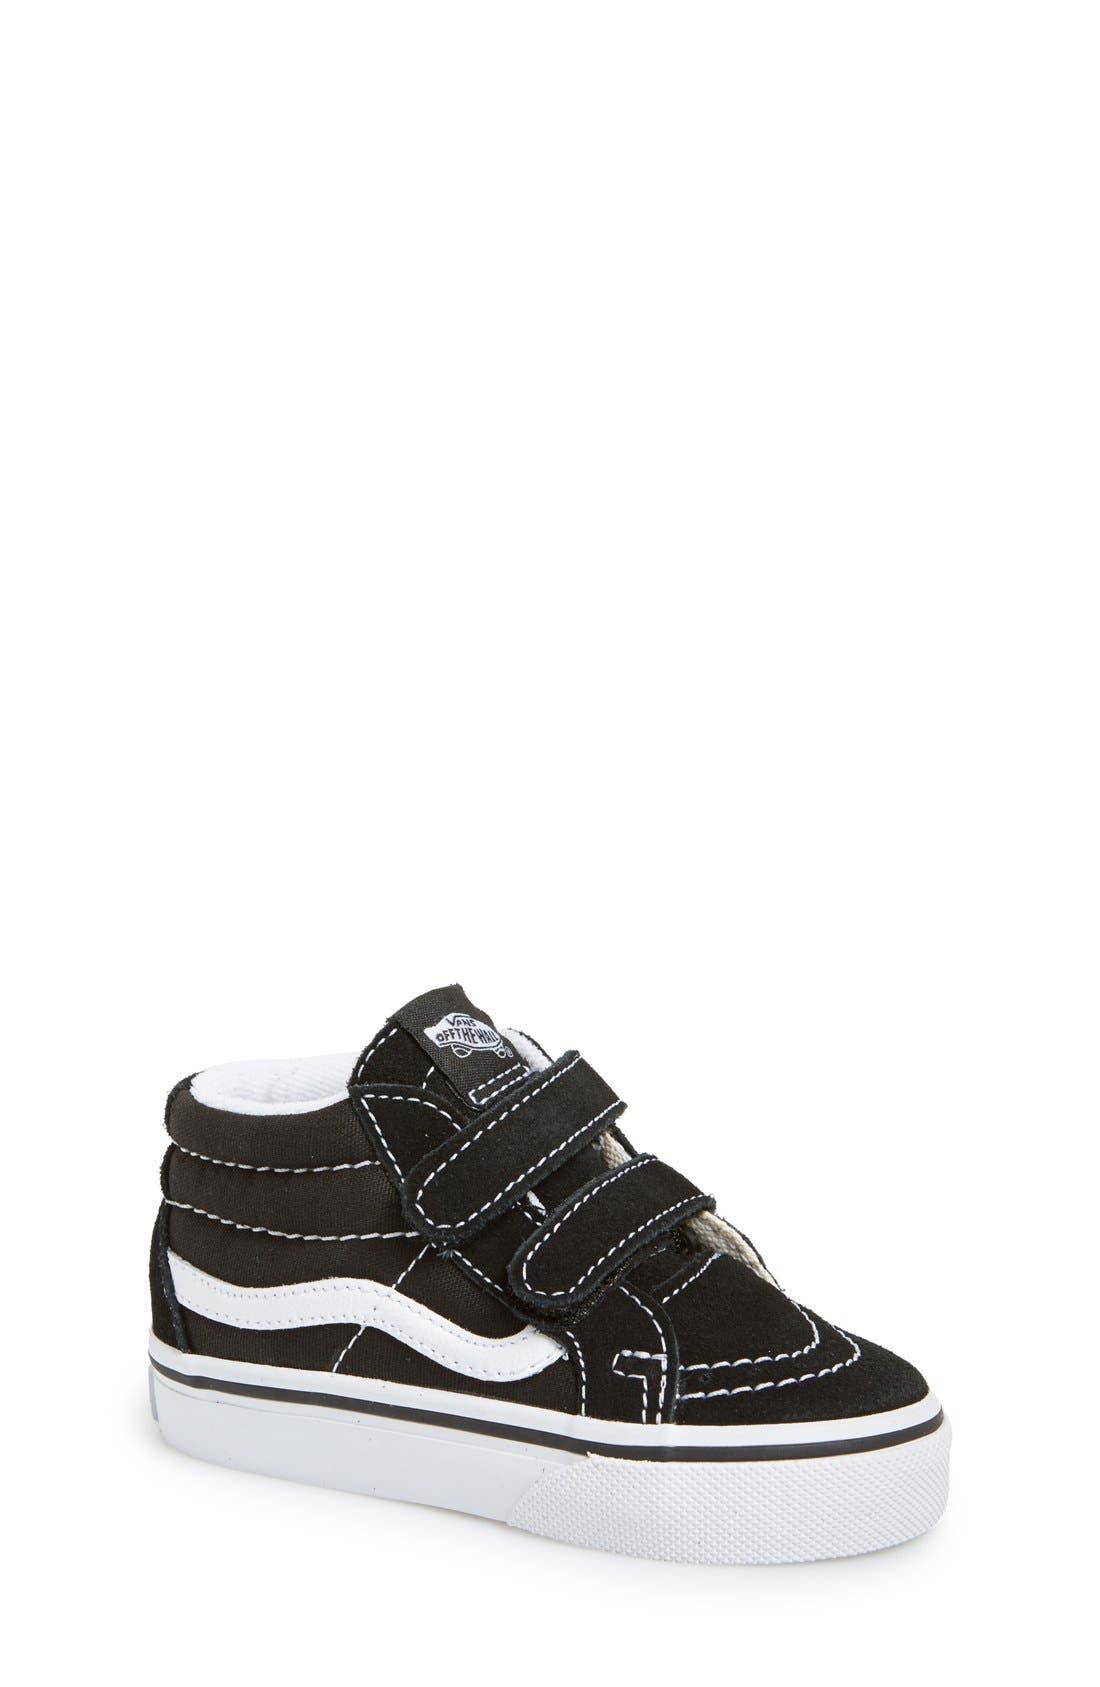 Boys Vans Sk8Mid Reissue Sneaker Size 7 M  Black